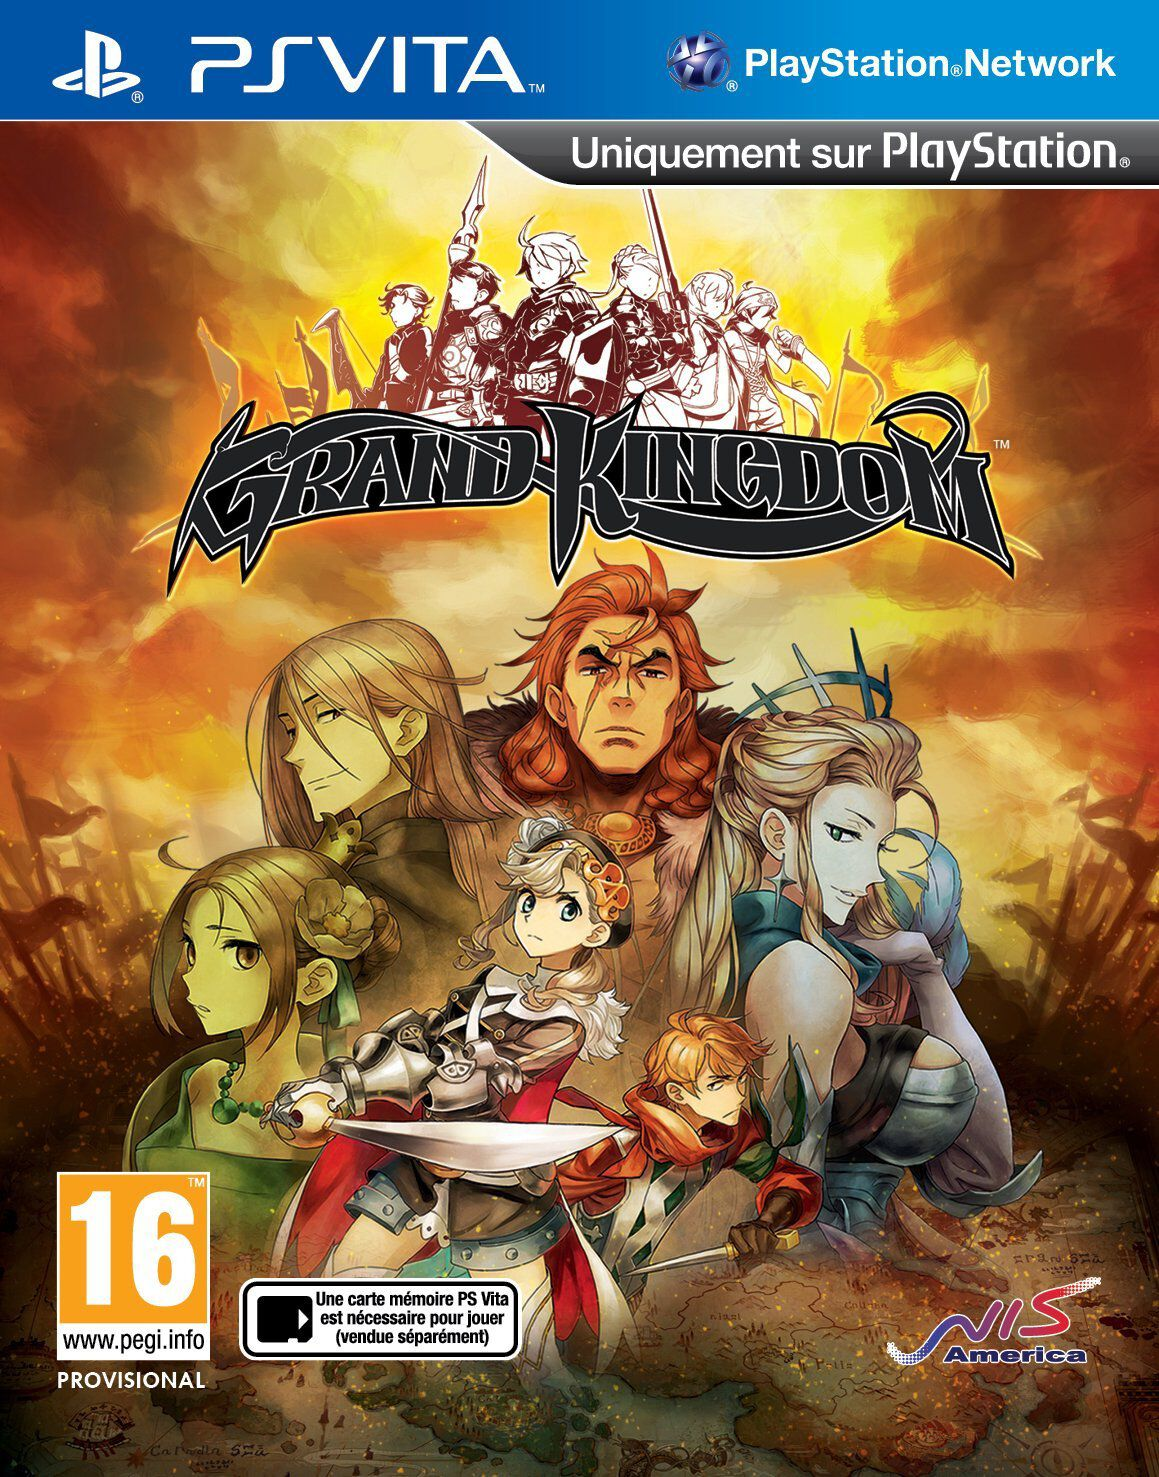 Grand Kingdom PS Vita